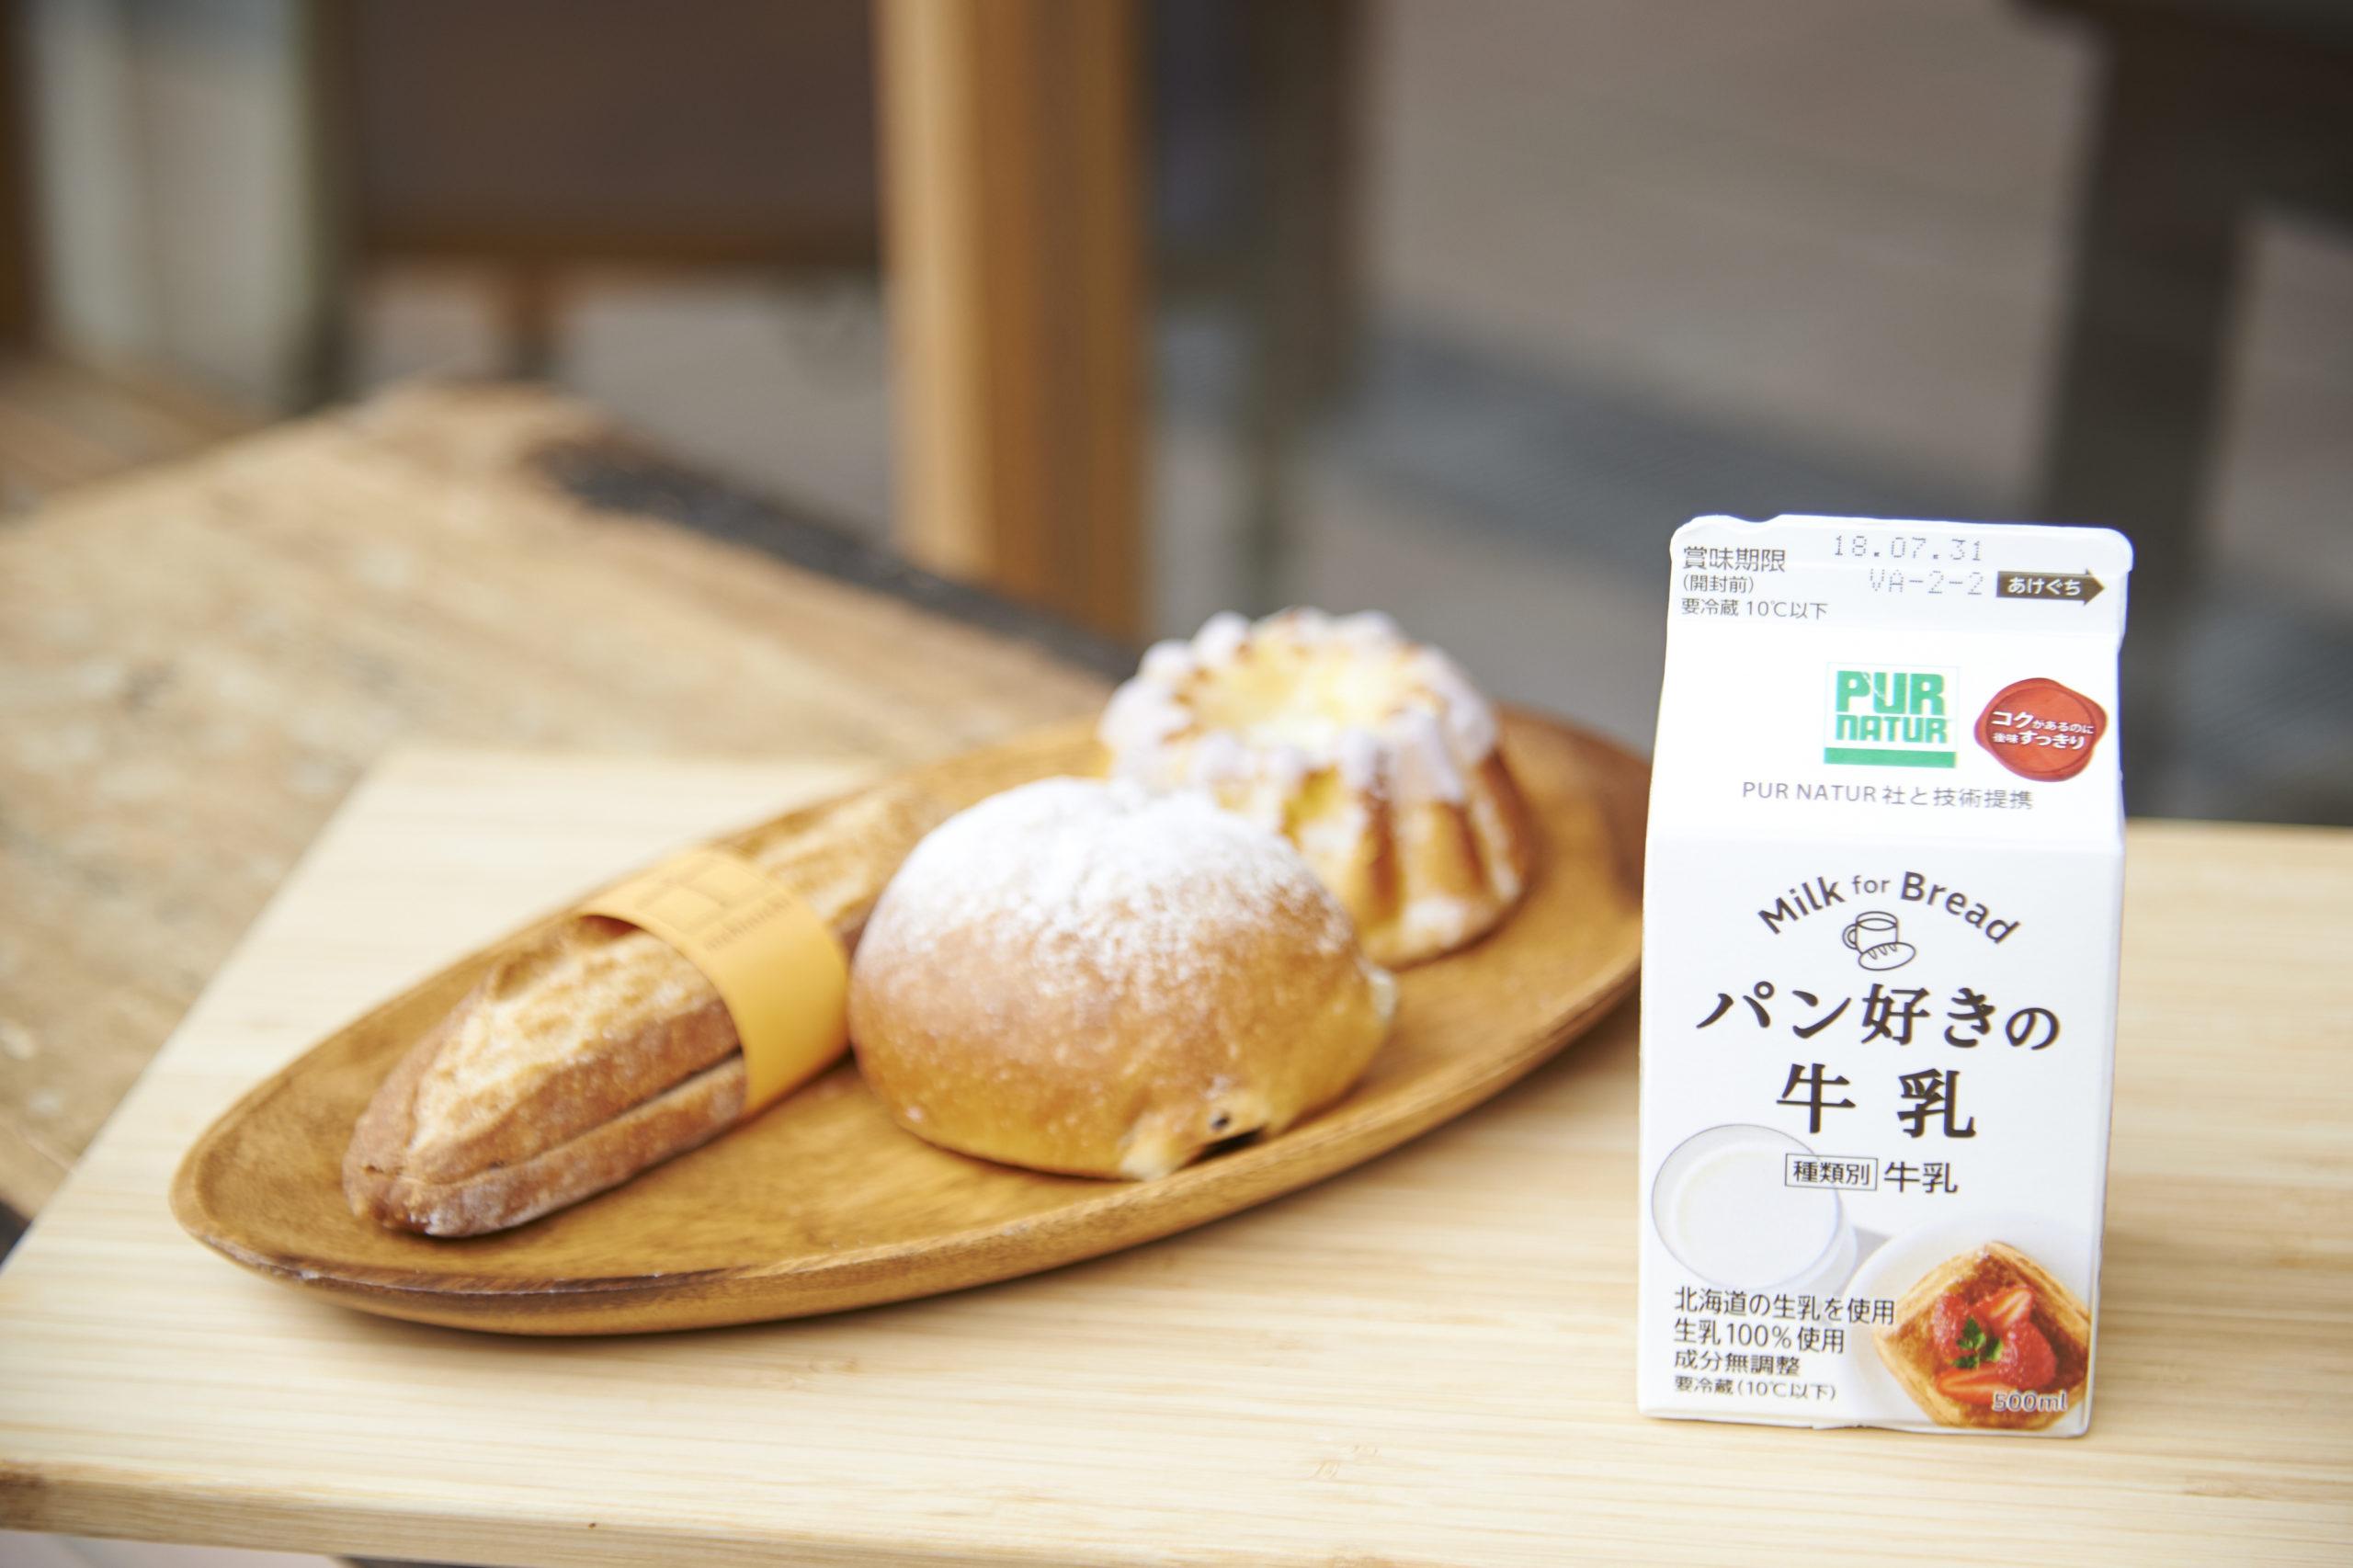 パン好きの牛乳 とは 販売店 価格 一番 合う パン これ